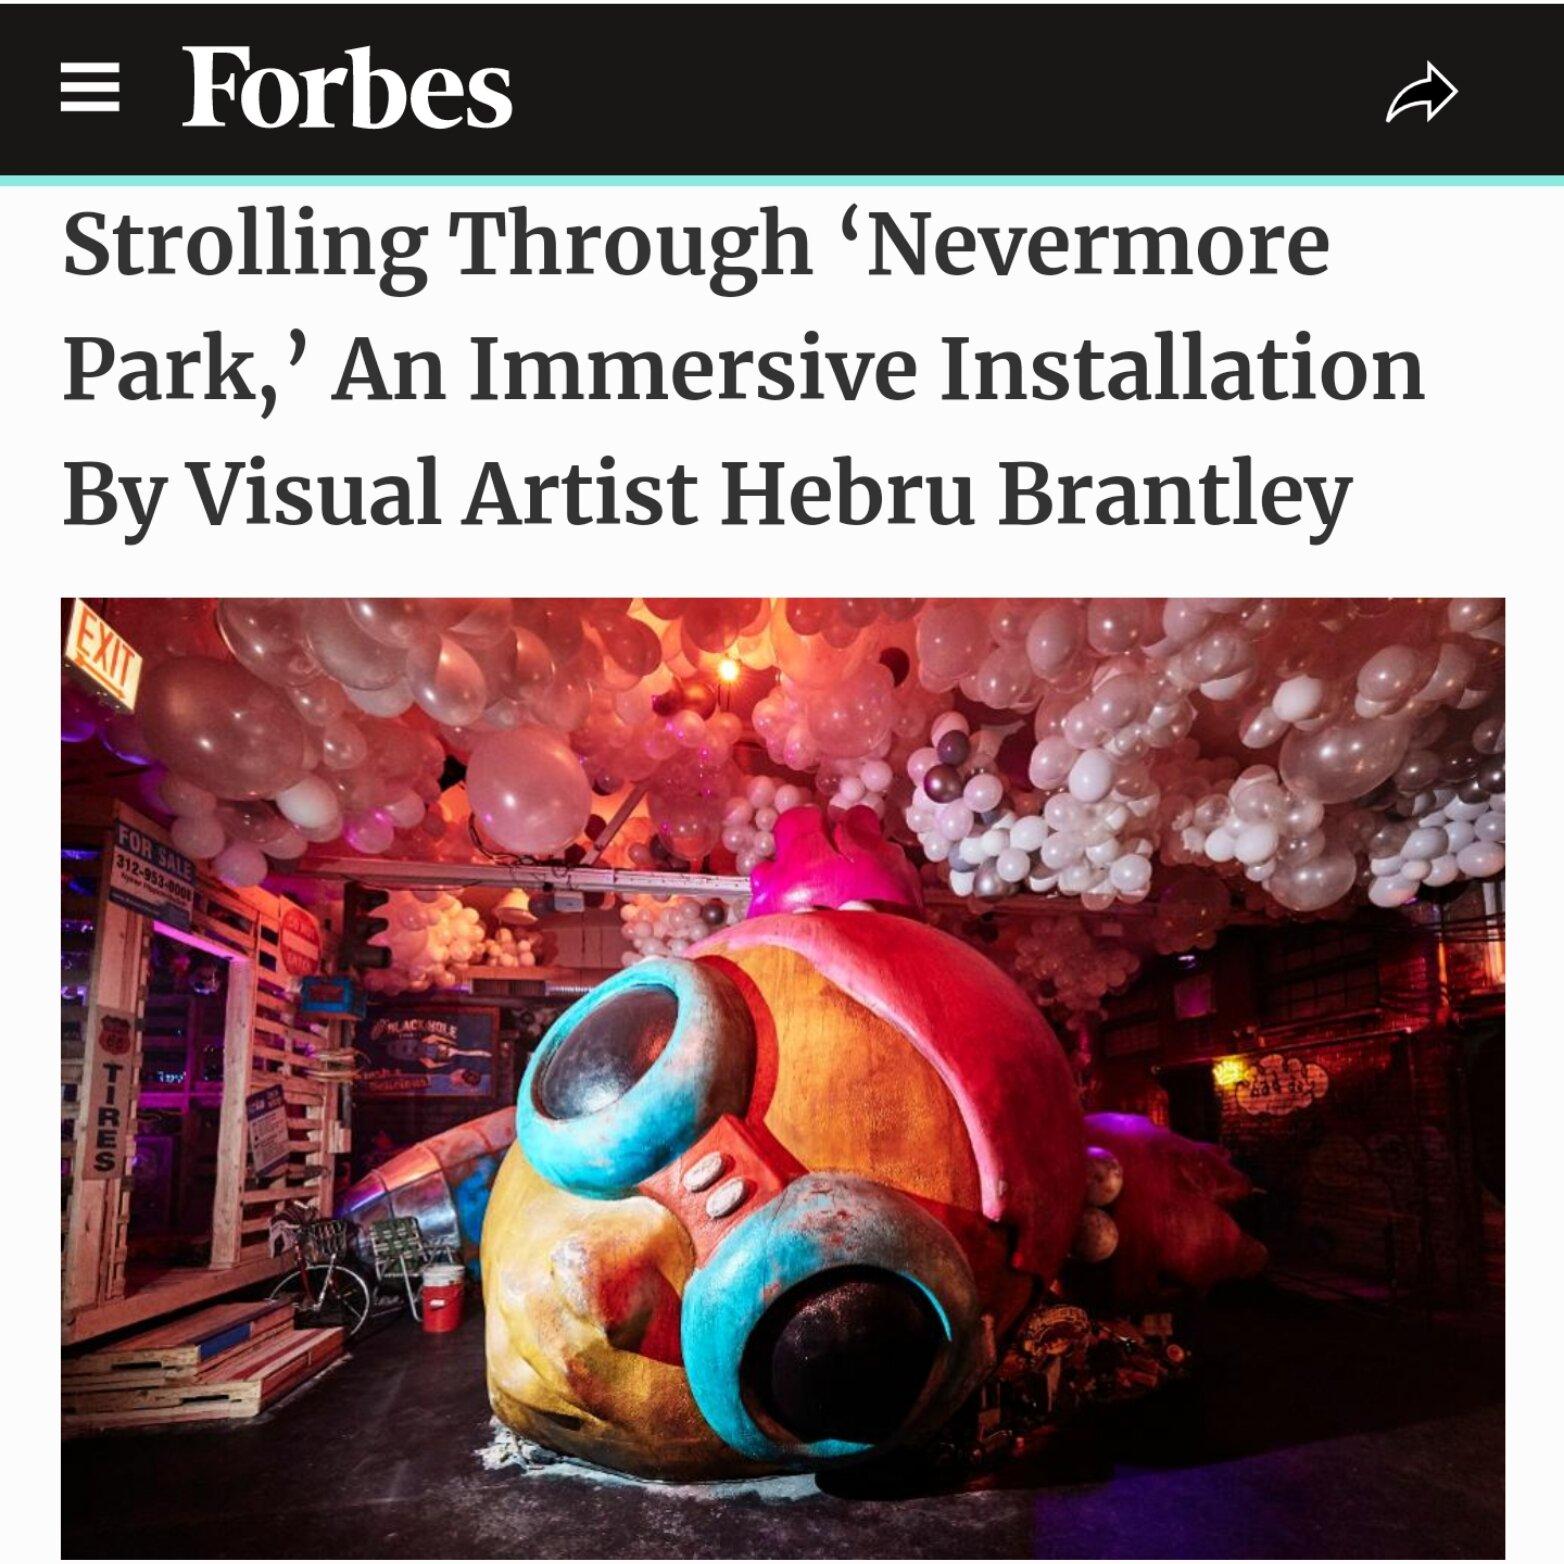 Strolling Through 'Nevermore Park,' An Immersive Installation By Visual Artist Hebru Brantley-adrienne-gibbs-forbes-chicago-publicist-ximena-n-larkin-c1-revolution